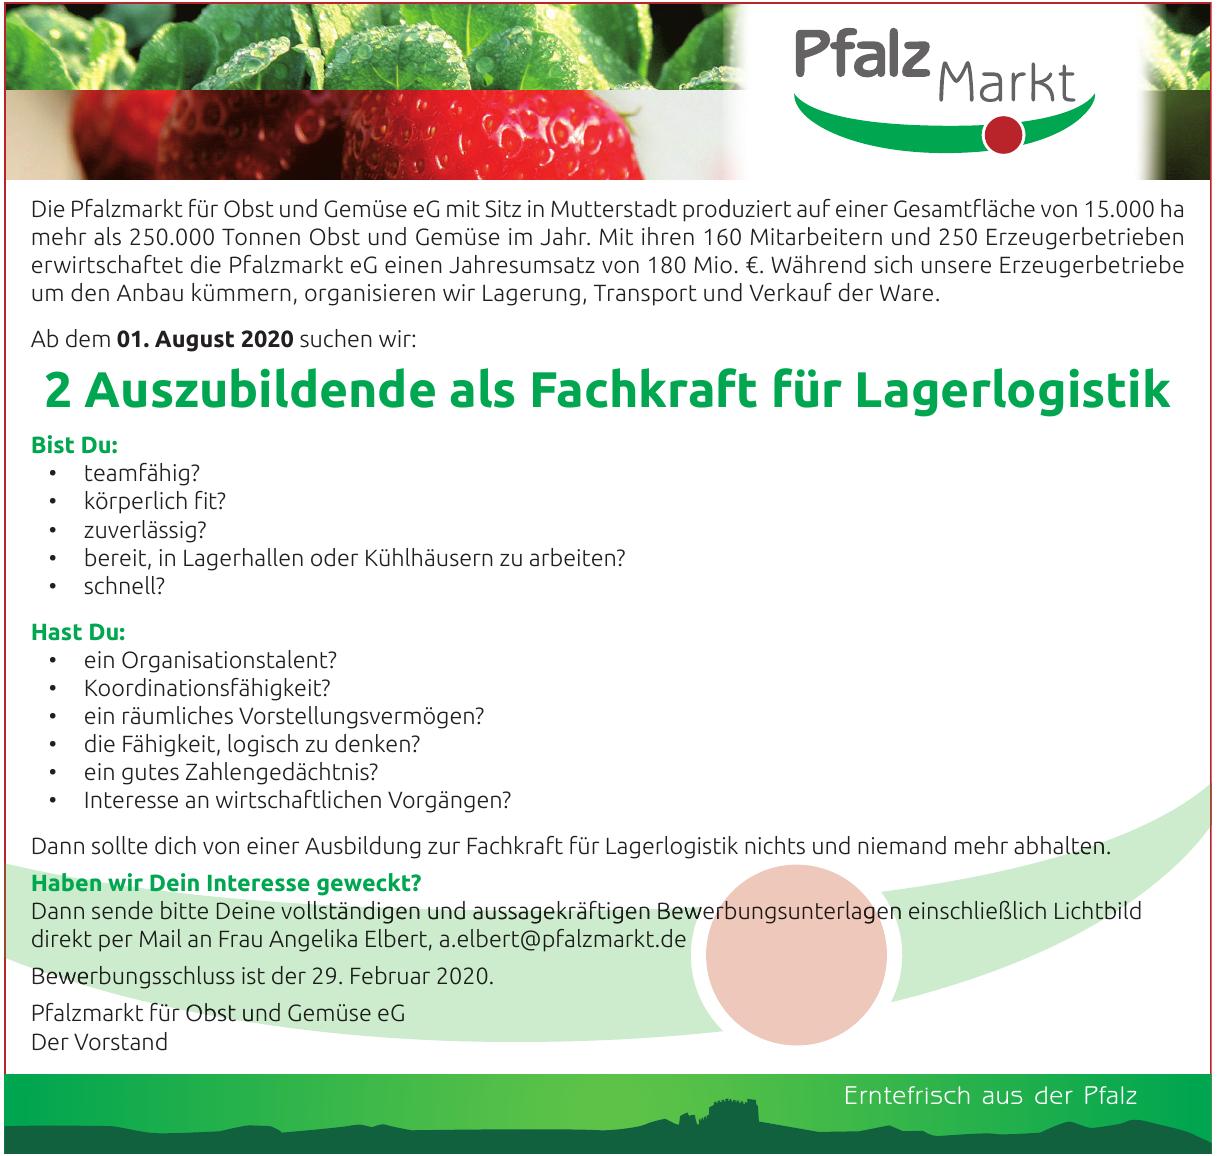 Pfalzmarkt für Obst und Gemüse eG